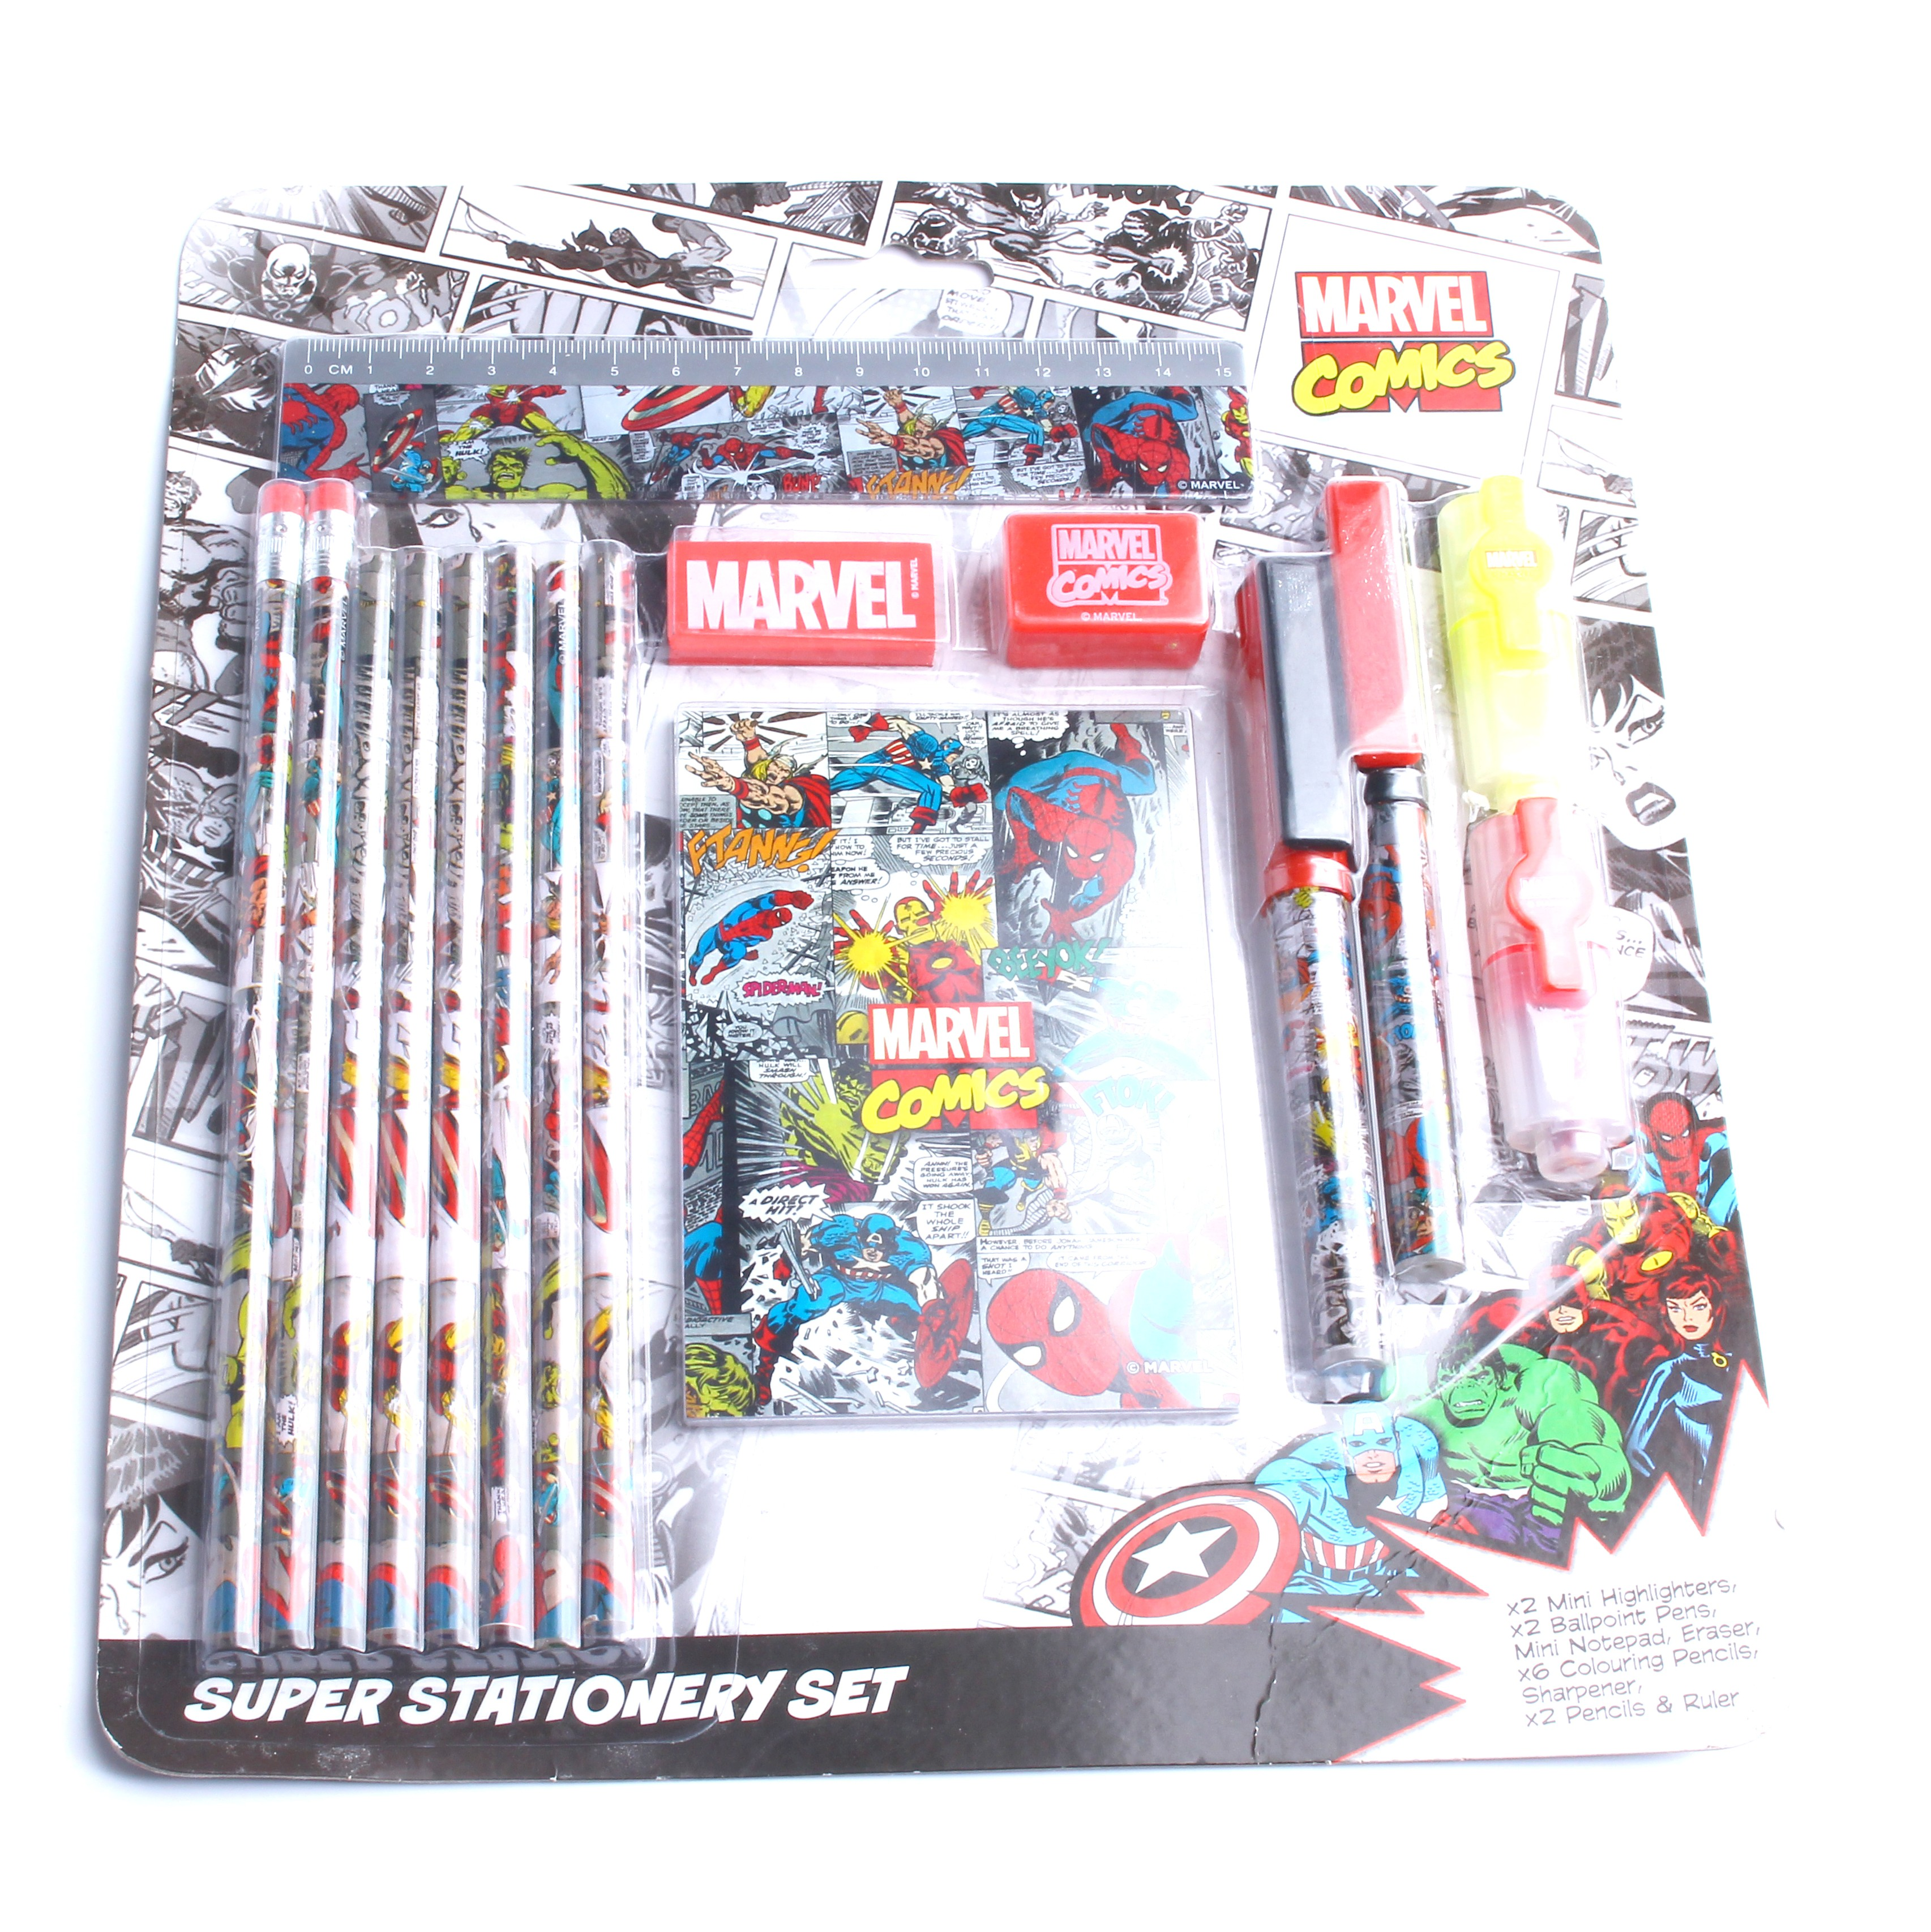 Yifan, Китай, оптовая продажа, недорогая ученическая супермаленькая Канцелярия Marvel, подарочный набор с шариковой ручкой, линейкой, карандашом, ластиком